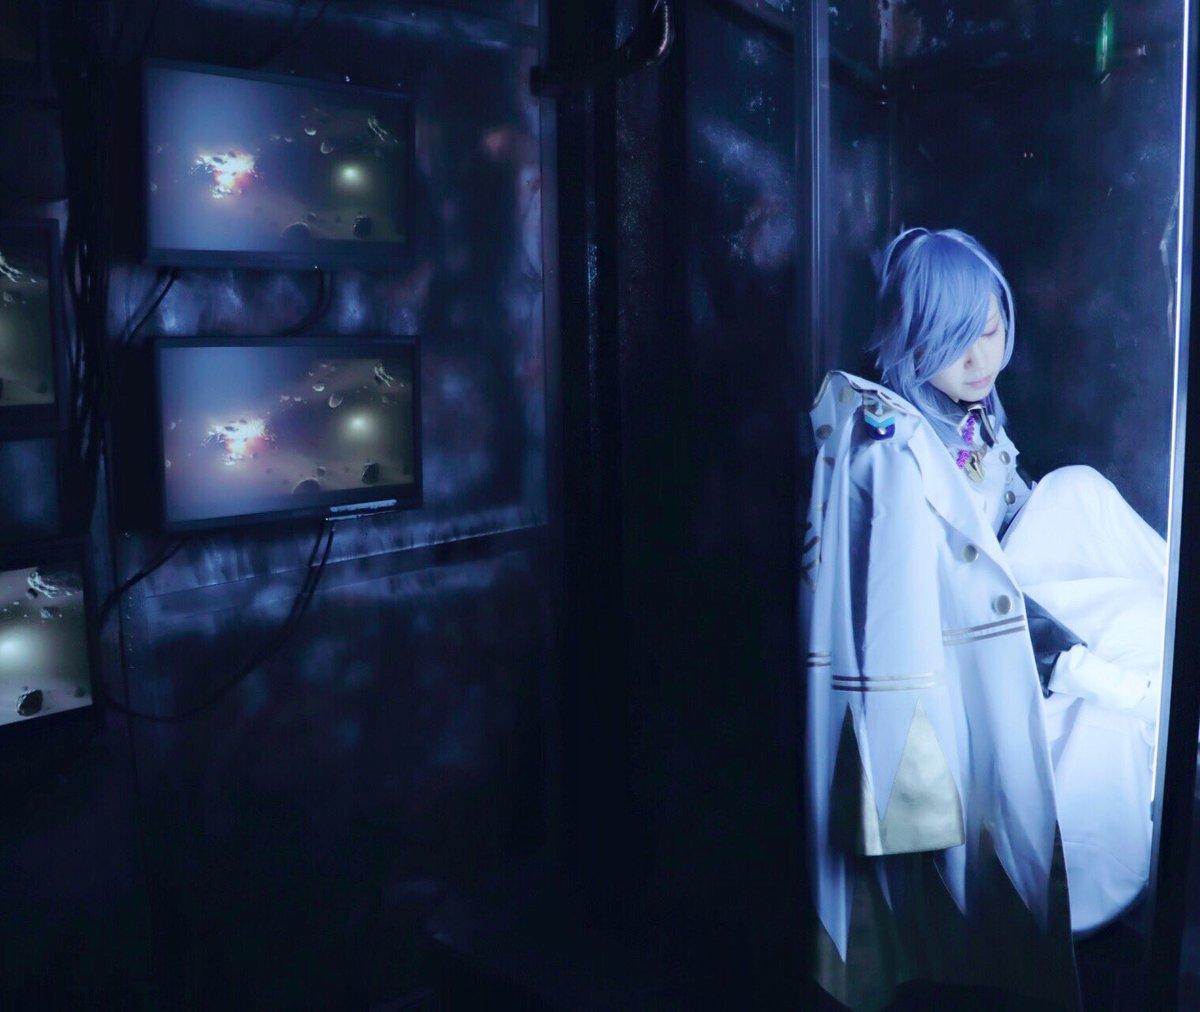 """【コスプレ】幕末Rock 沖田""""カプセルの中で見た夢は果たして幸せだったか""""完全に遊びました。photo あんずさん"""